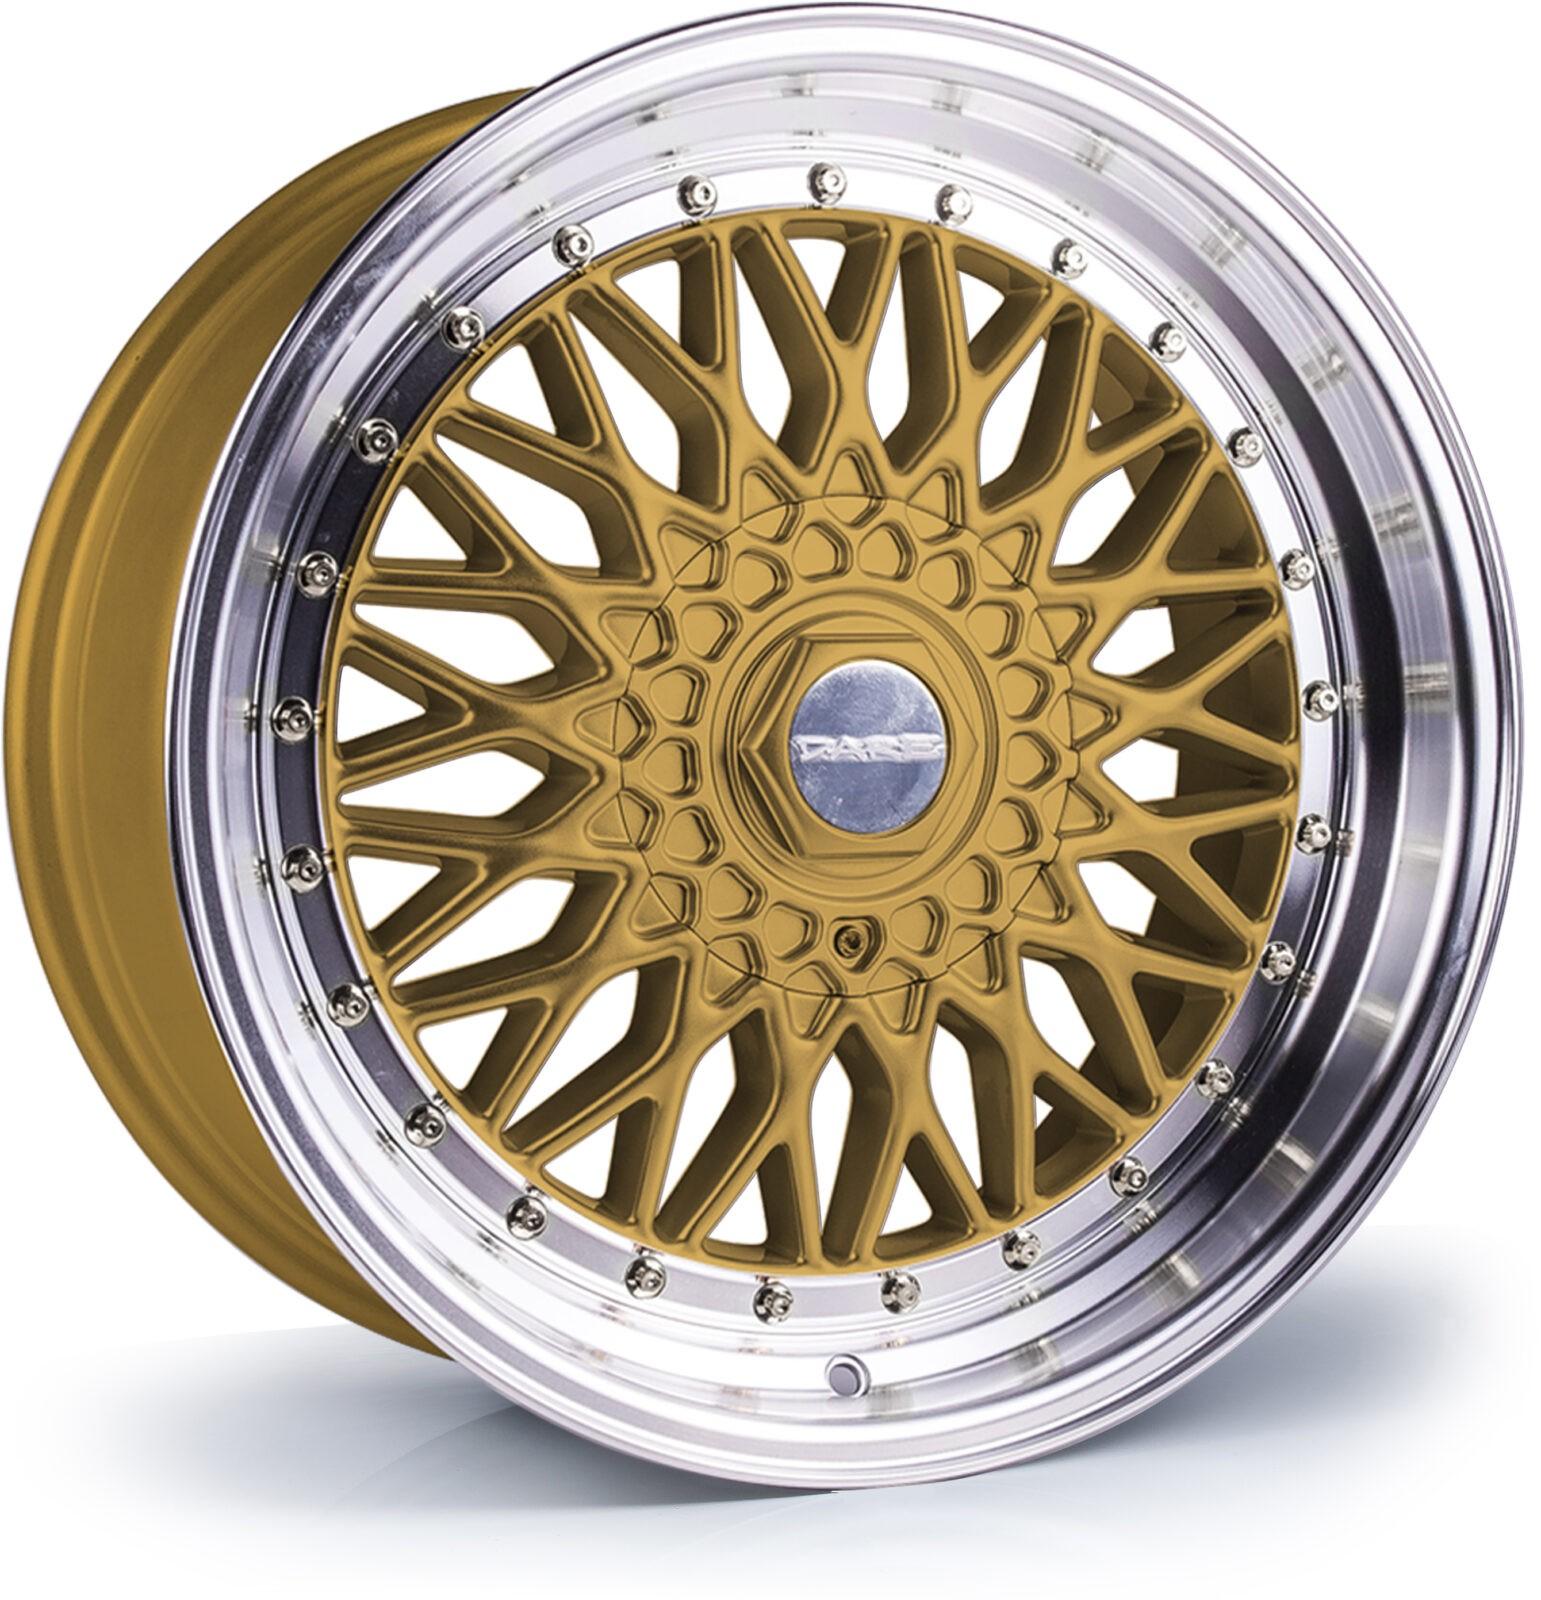 DARE MOTORSPORT RS hliníkové disky 8,5x17 5x112-5x120 ET20 Gold Polished / Chrome Rivets